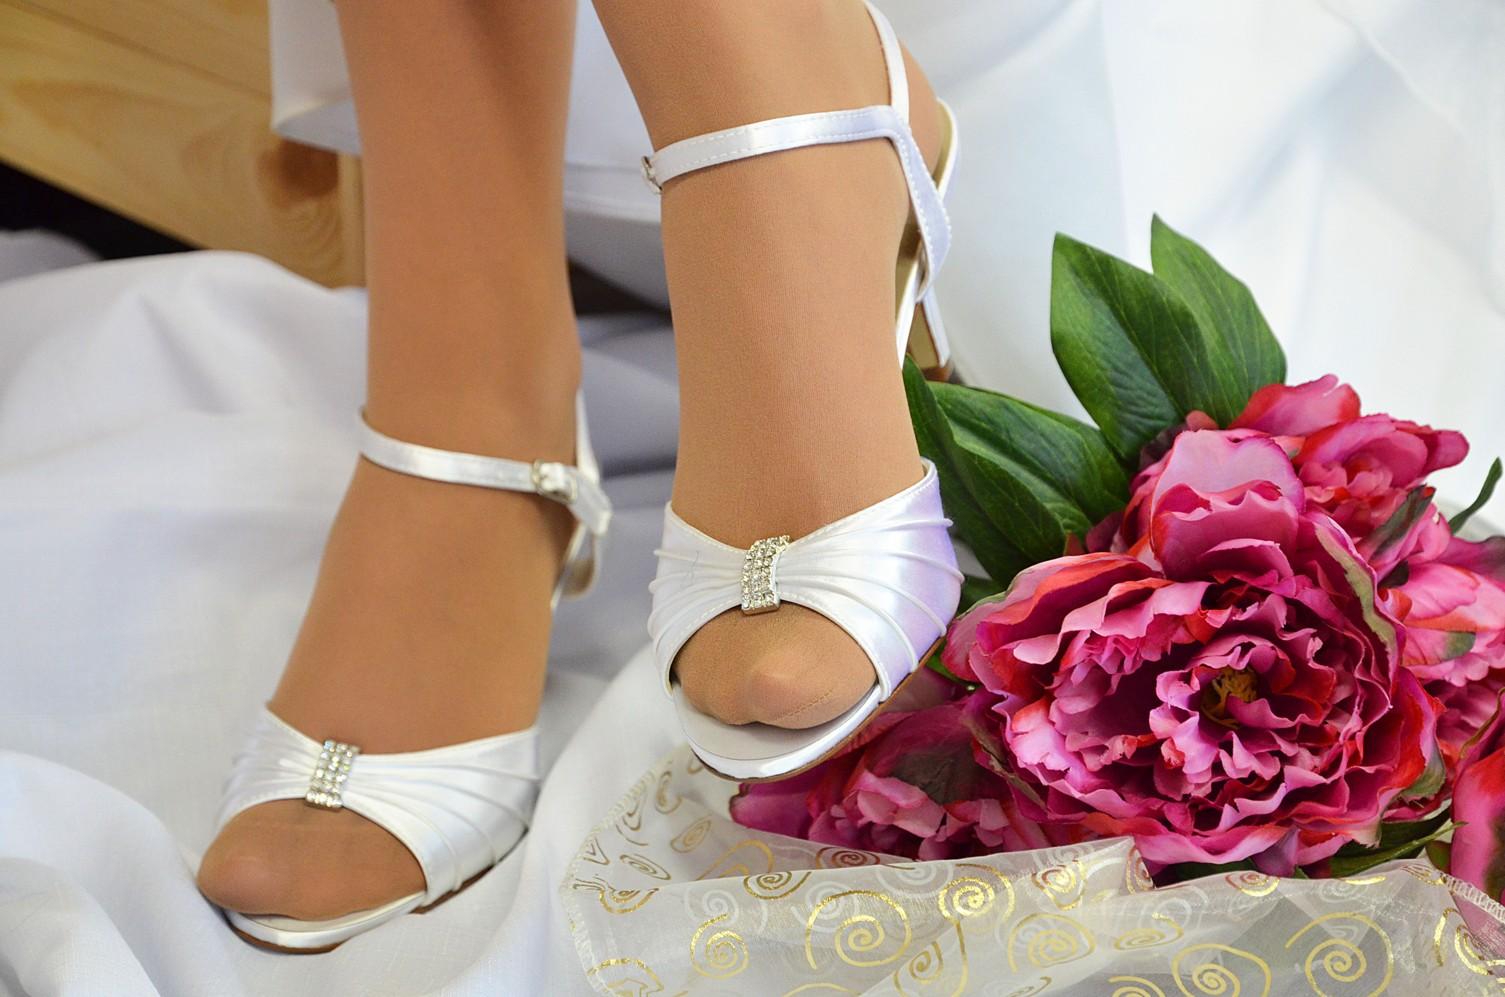 Profilová fotogalerie - Svatební obuv a doplňky 4a176b97e4